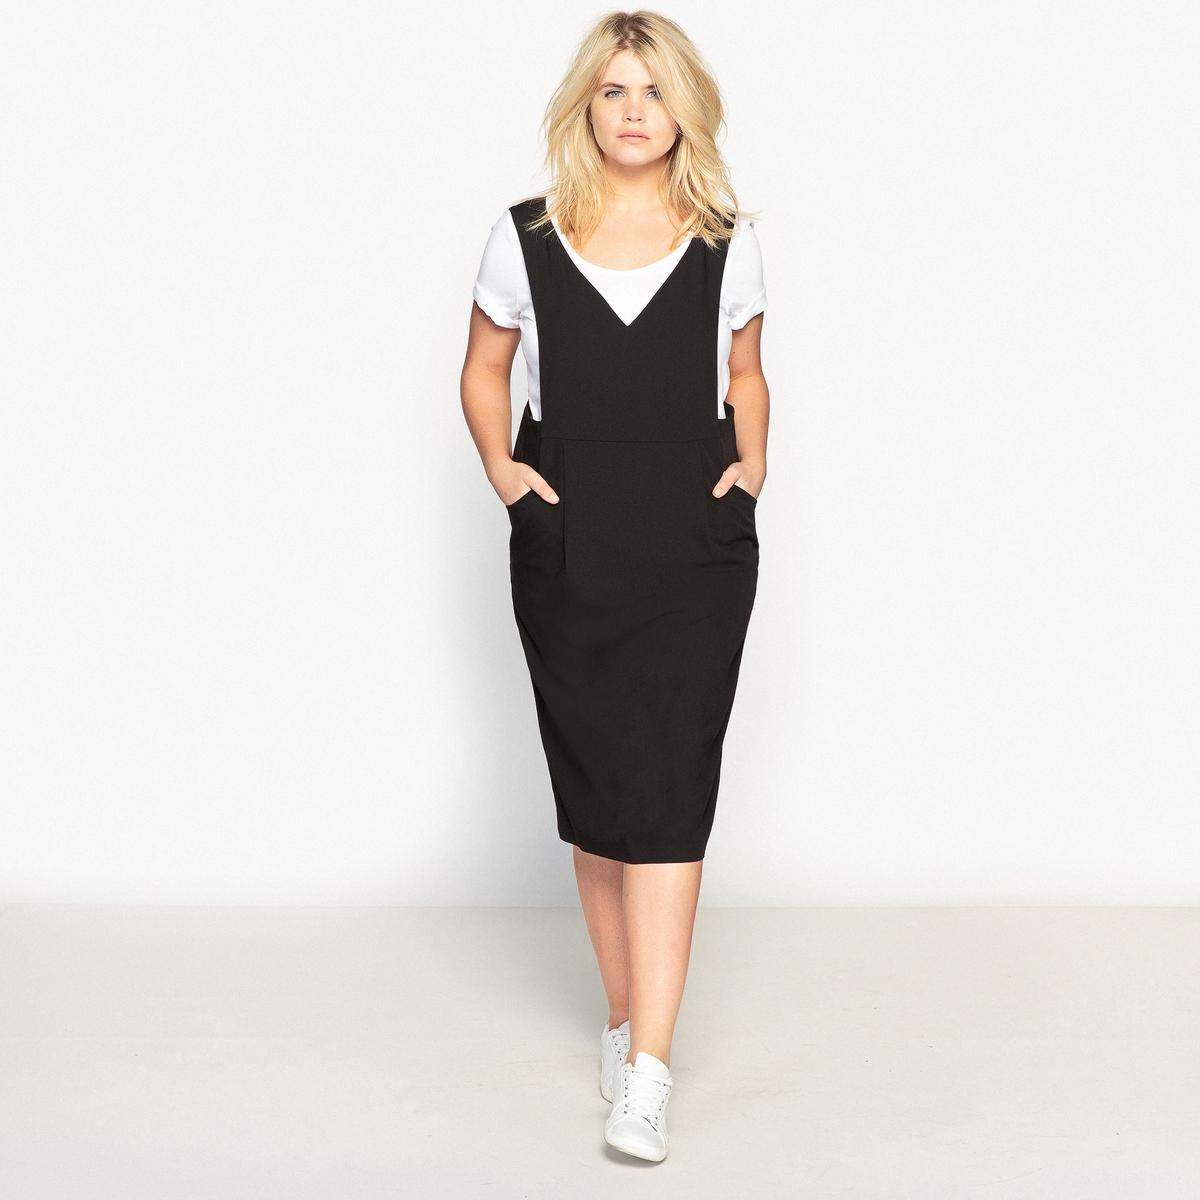 ПлатьеДлинное и элегантное платье. Изящное платье из эластичной ткани подойдет под любой наряд. Детали •  Форма : прямая •  Длинное •  Без рукавов    •   V-образный вырезСостав и уход •  19% вискозы, 7% эластана, 74% полиэстера •  Температура стирки 30° на деликатном режиме •  Сухая чистка и отбеливание запрещены    •  Не использовать барабанную сушку   •  Низкая температура глажкиТовар из коллекции больших размеров •  2 очень практичных кармана. •  Скрытая застежка на молнию сзади.<br><br>Цвет: черный<br>Размер: 62 (FR) - 68 (RUS)